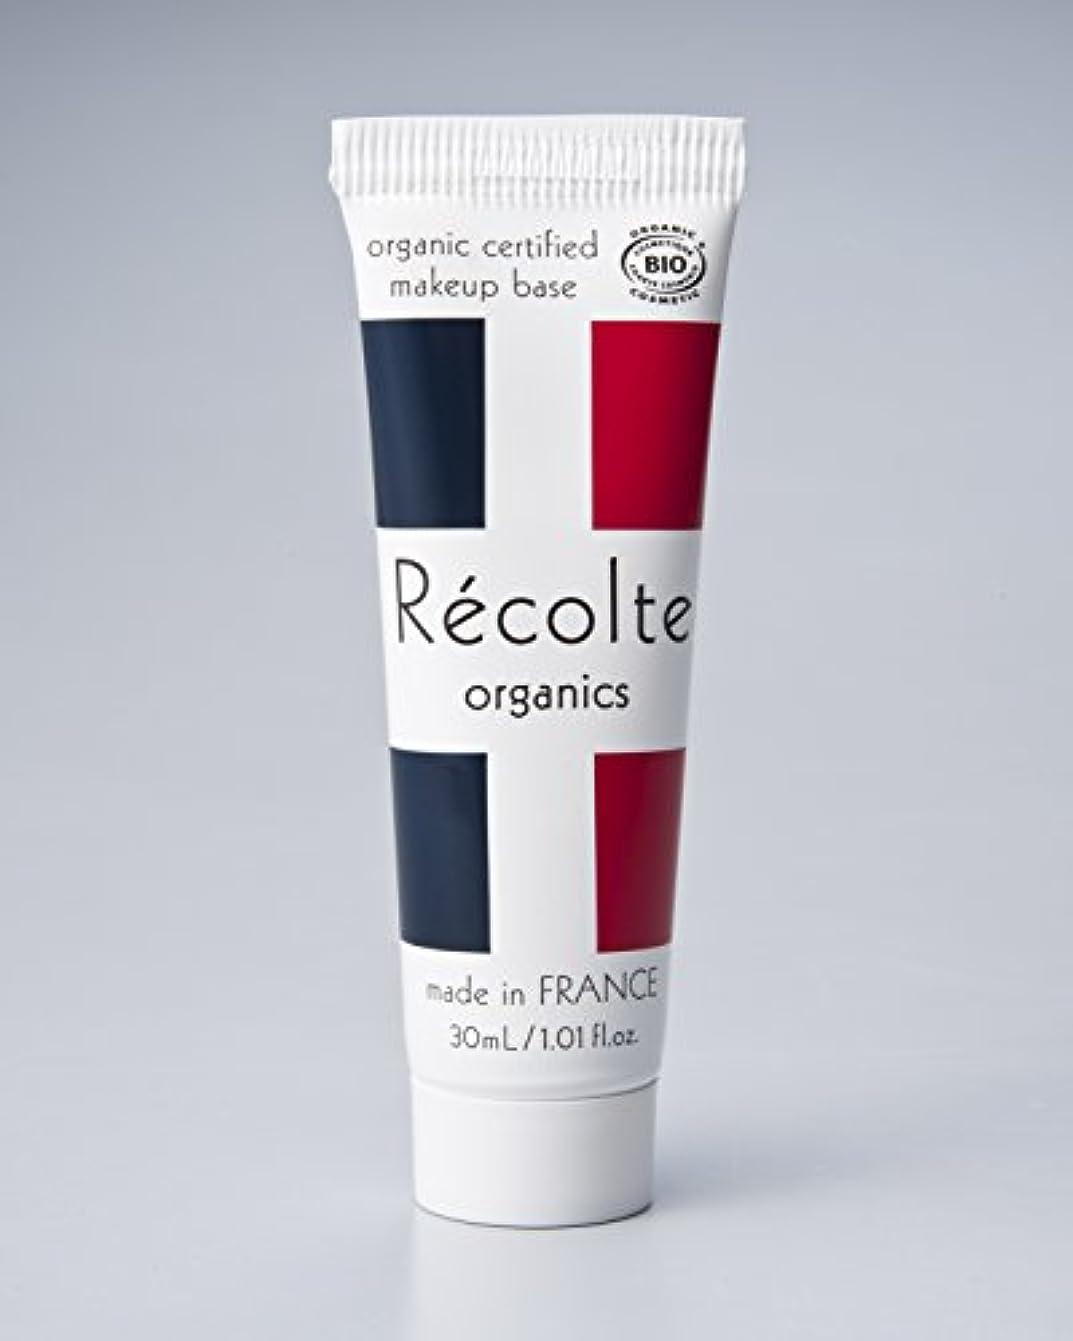 断言する頬カルシウムRecolte organics natural makeup base レコルトオーガニック ナチュラルメイクアップベース 化粧下地 SPF15 30ml